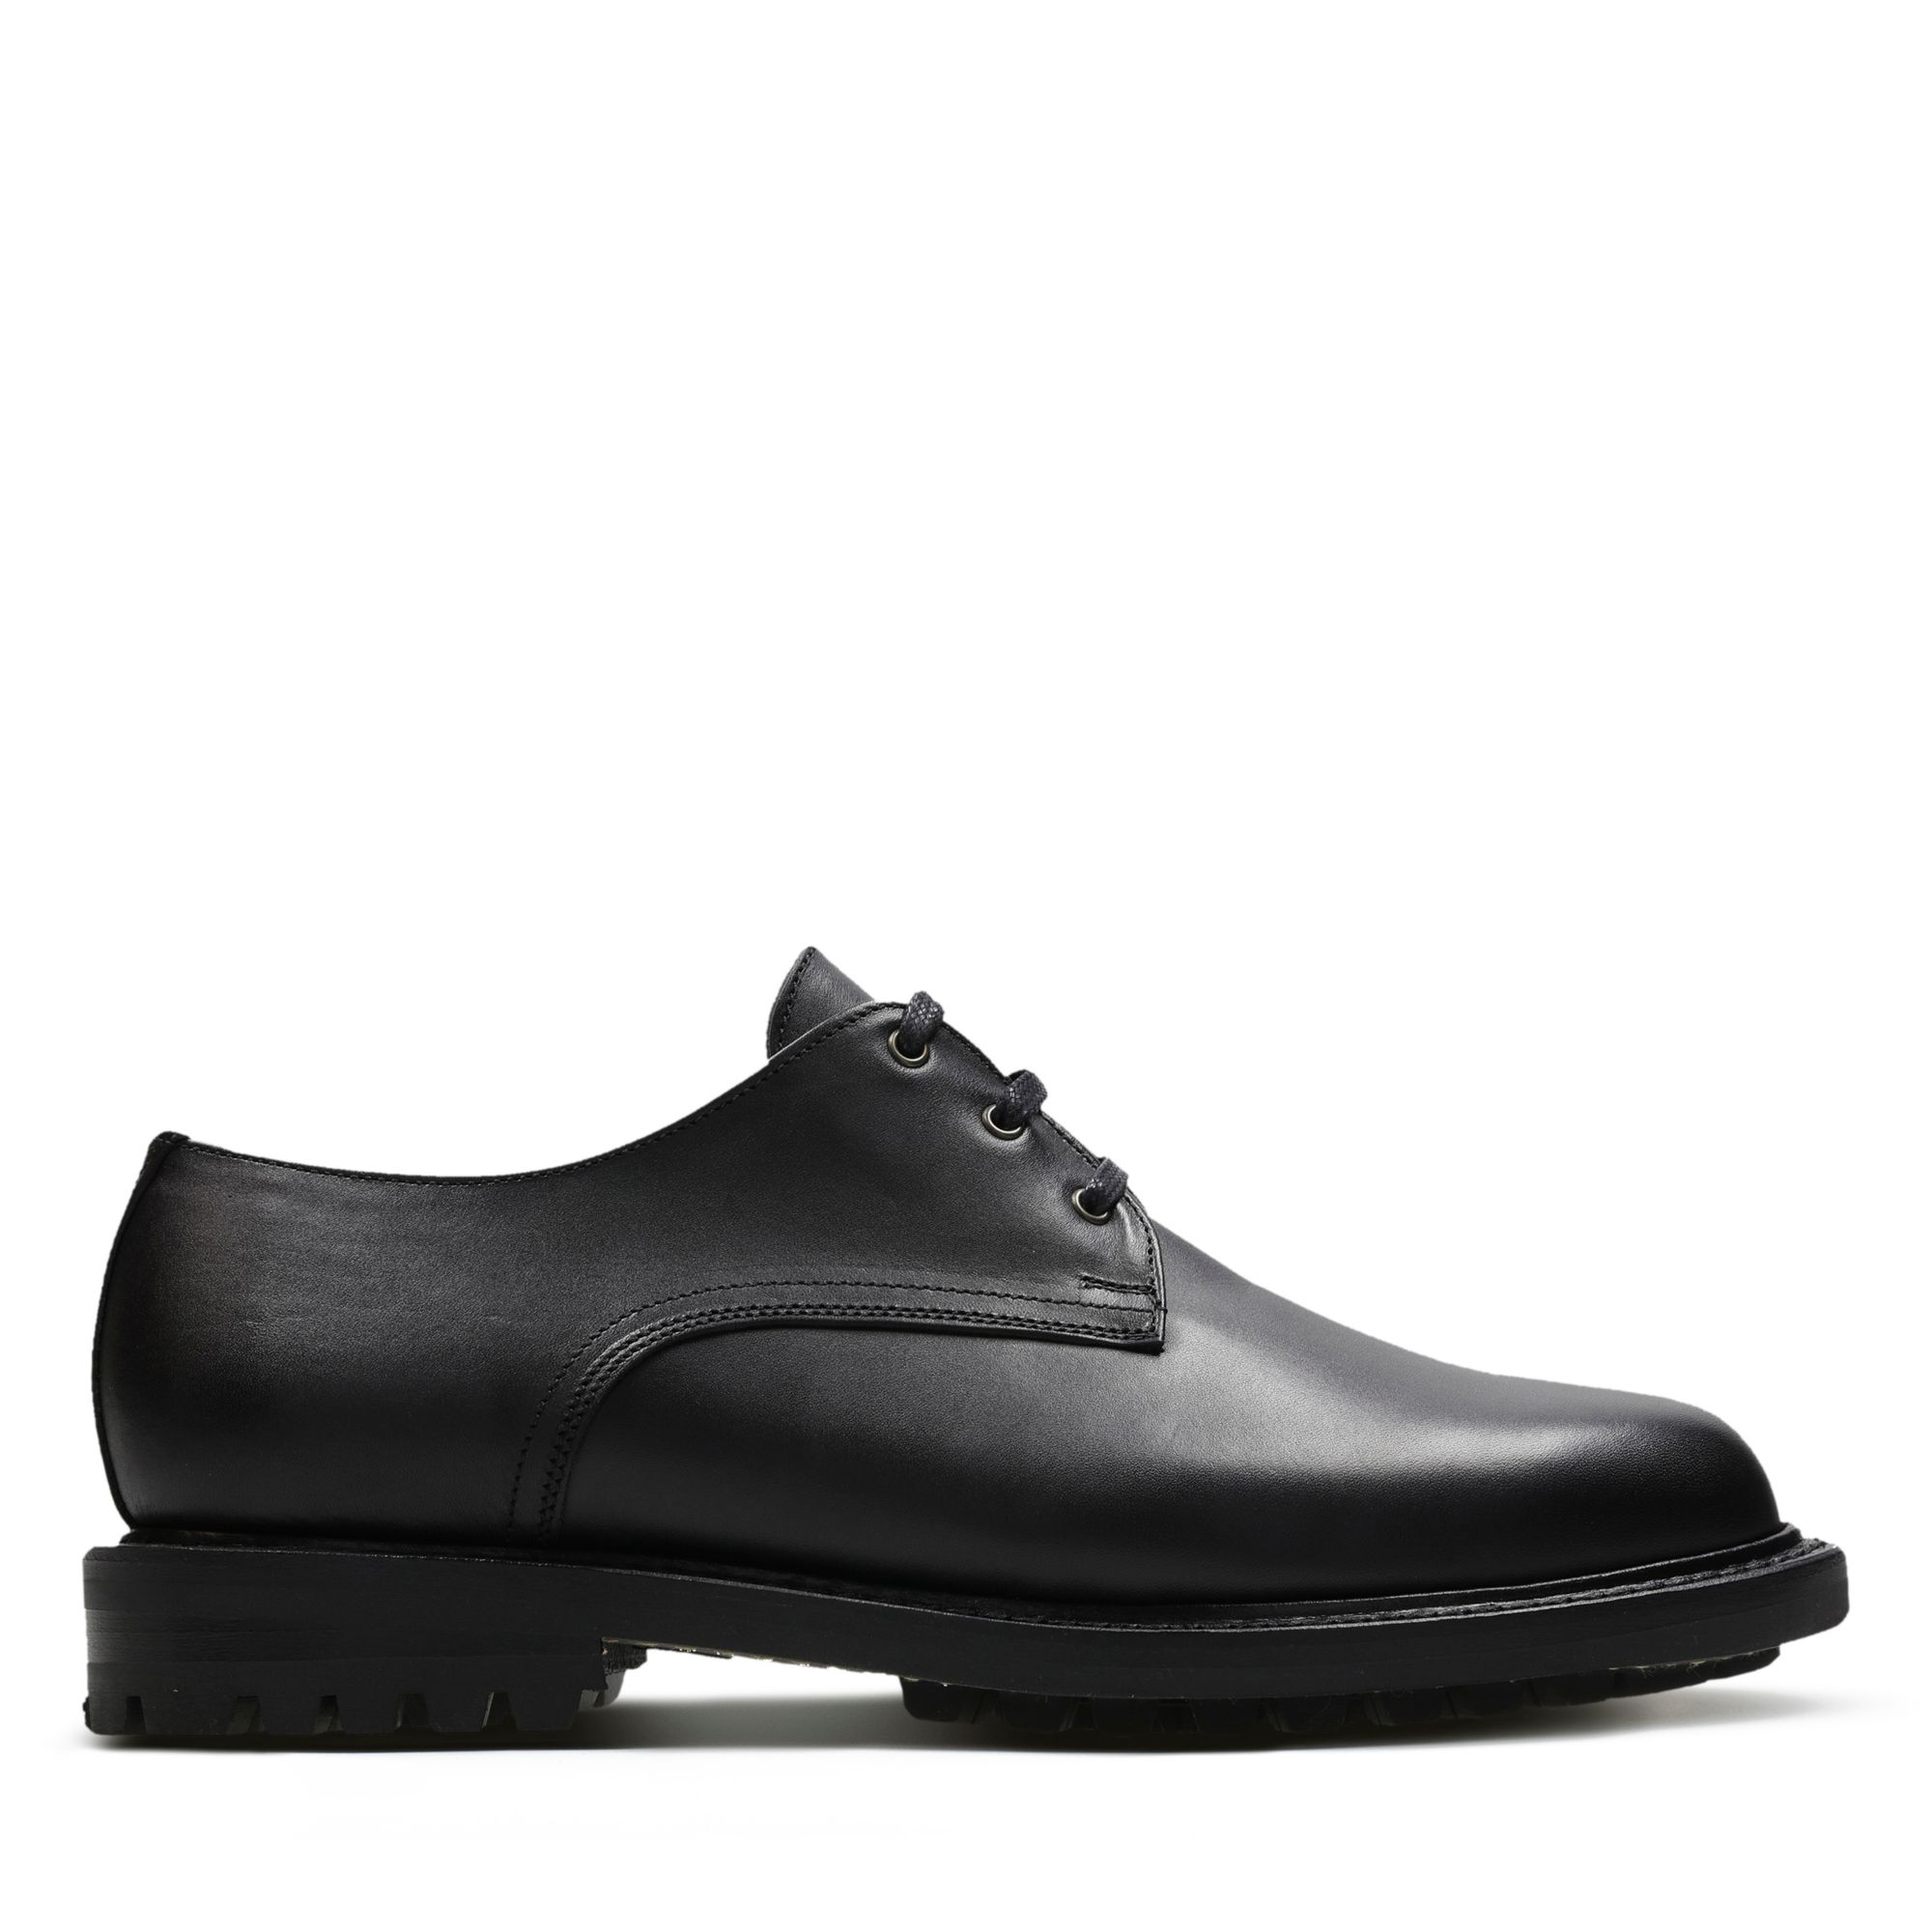 1950s Mens Shoes: Saddle Shoes, Boots, Greaser, Rockabilly Craftmaster IV £150.00 AT vintagedancer.com